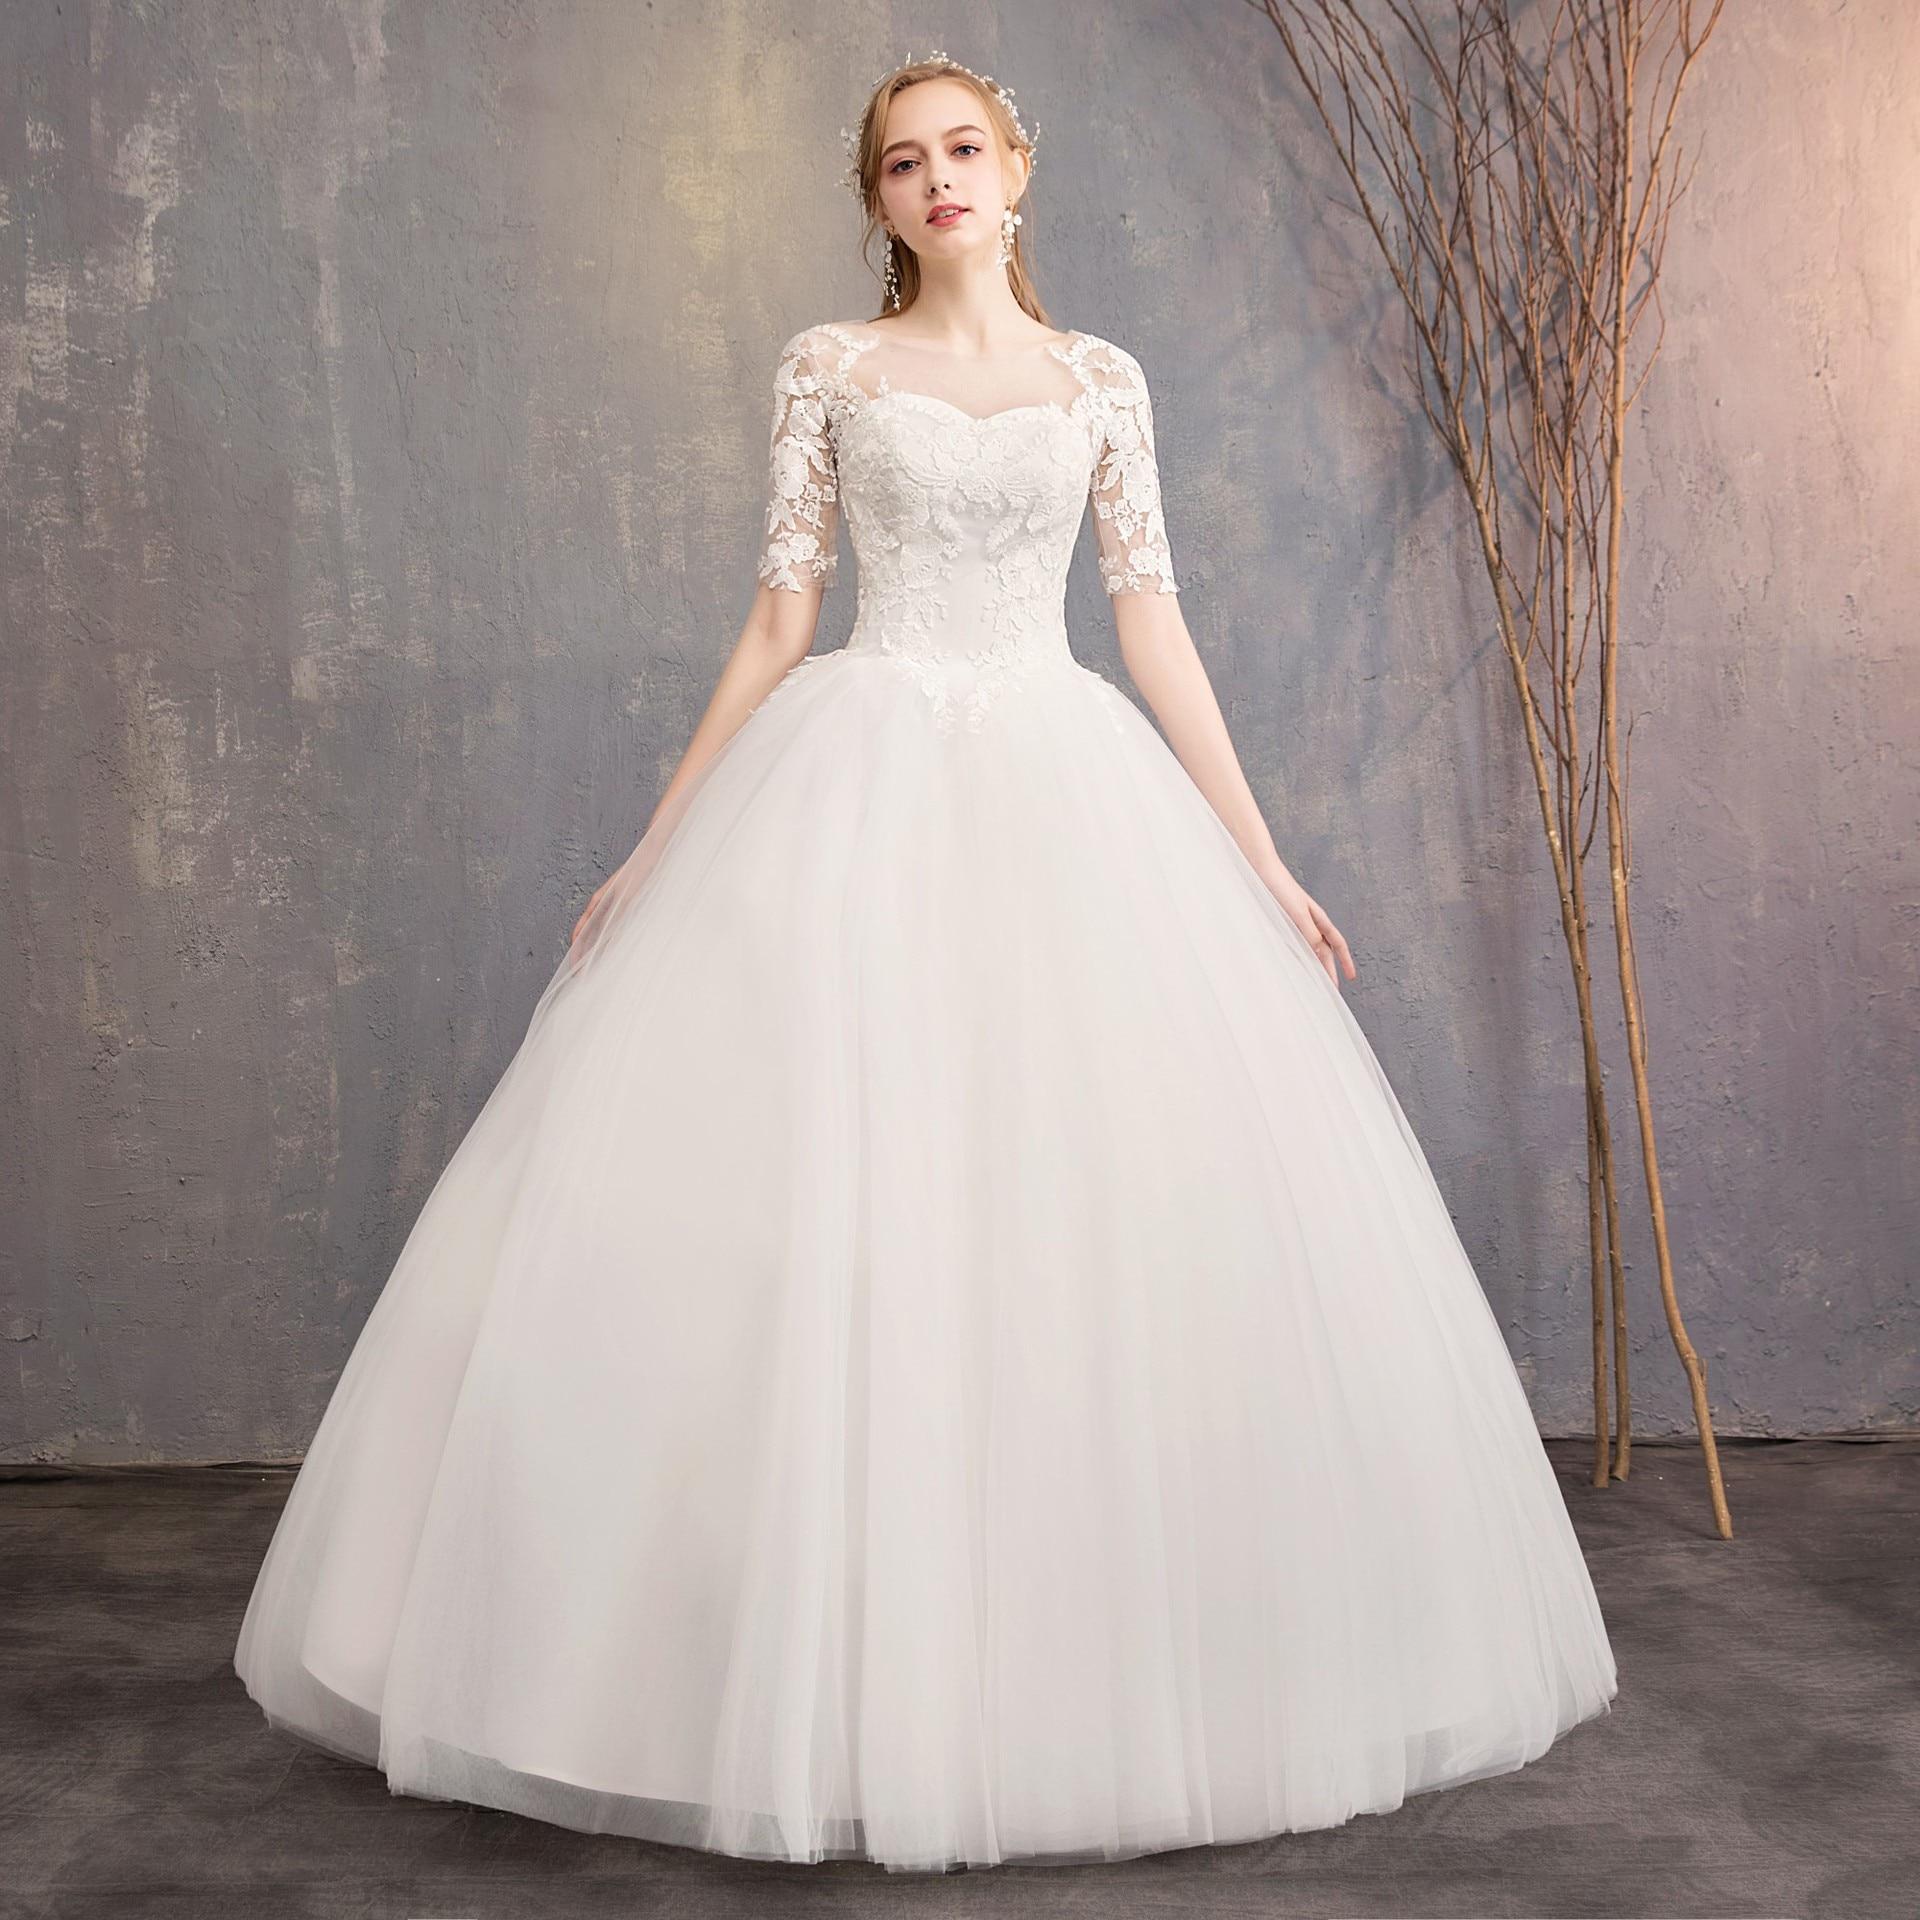 New Arrival Do Dower Full Sleeve Wedding Dress 2019 Ball